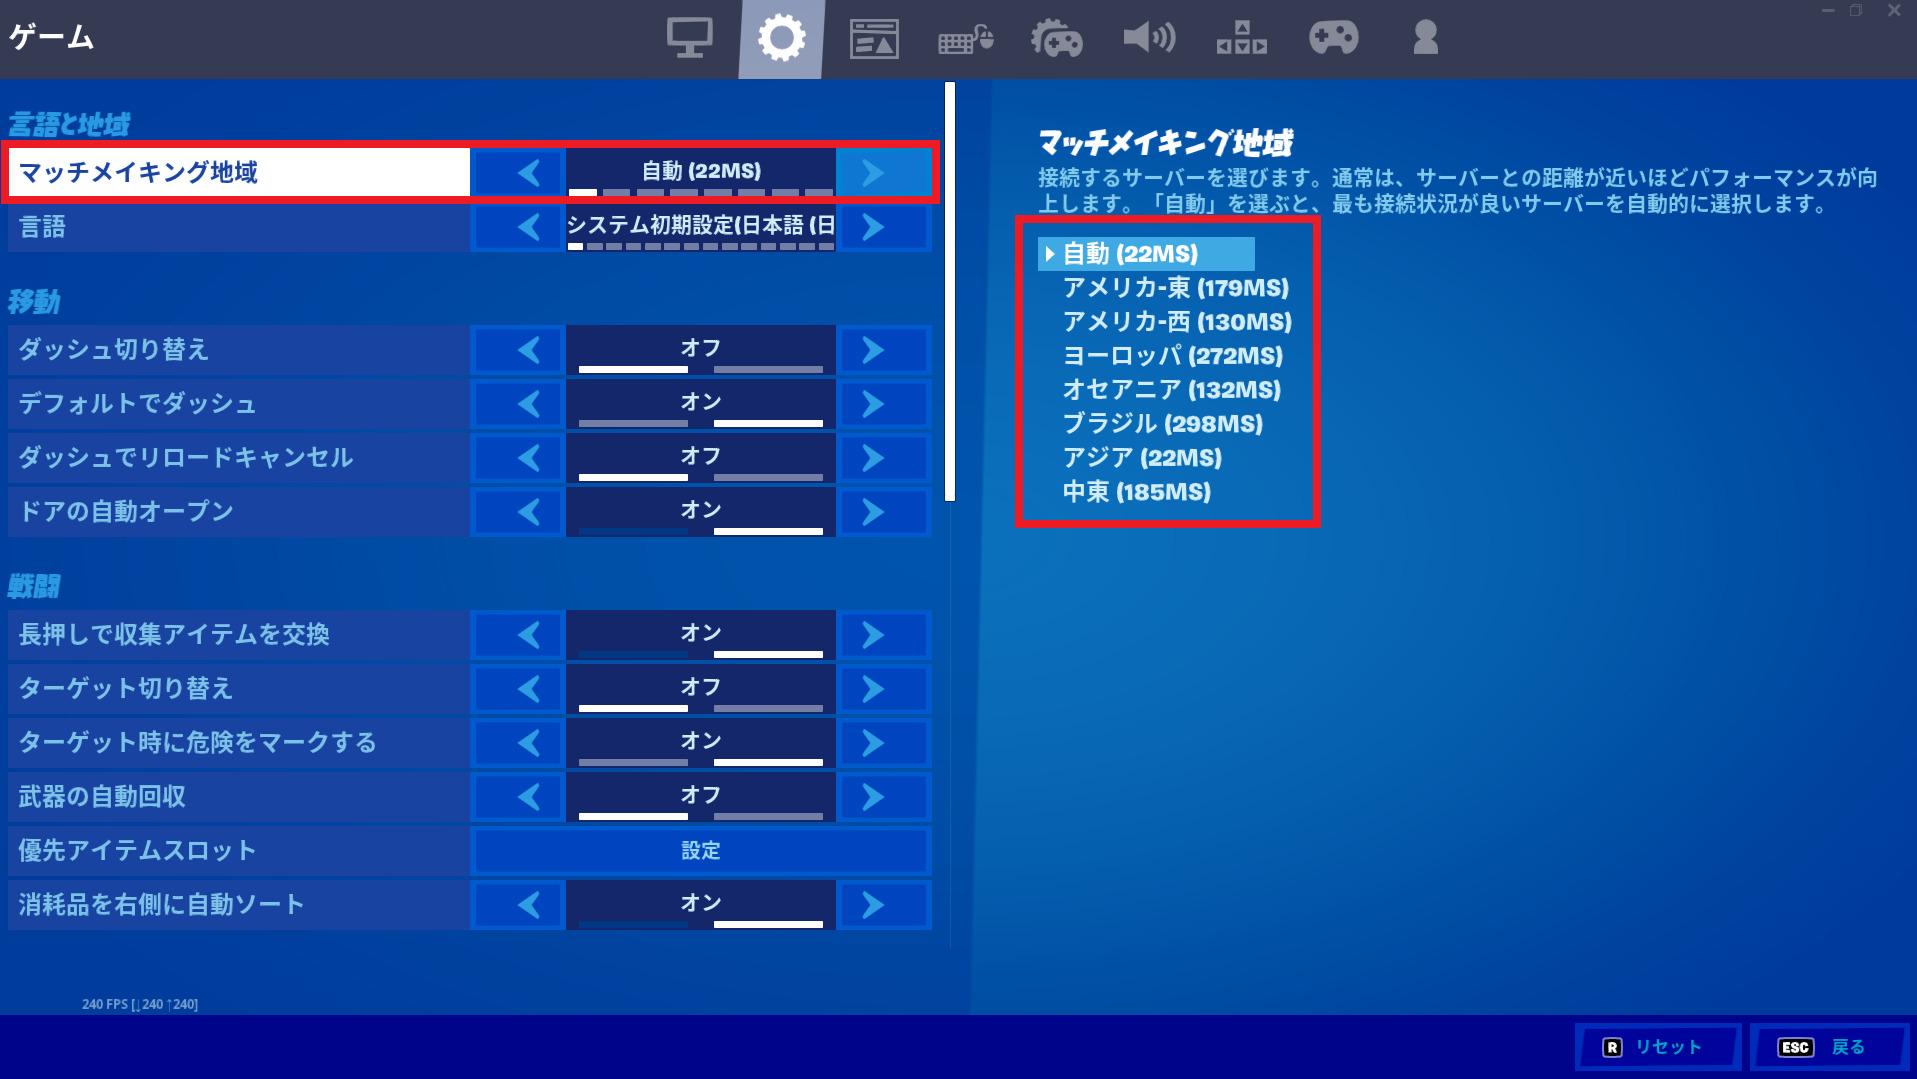 【フォートナイト】ピンクマグライダー(無料)の入手方法【ワンタイムイベント】【Fortnite】